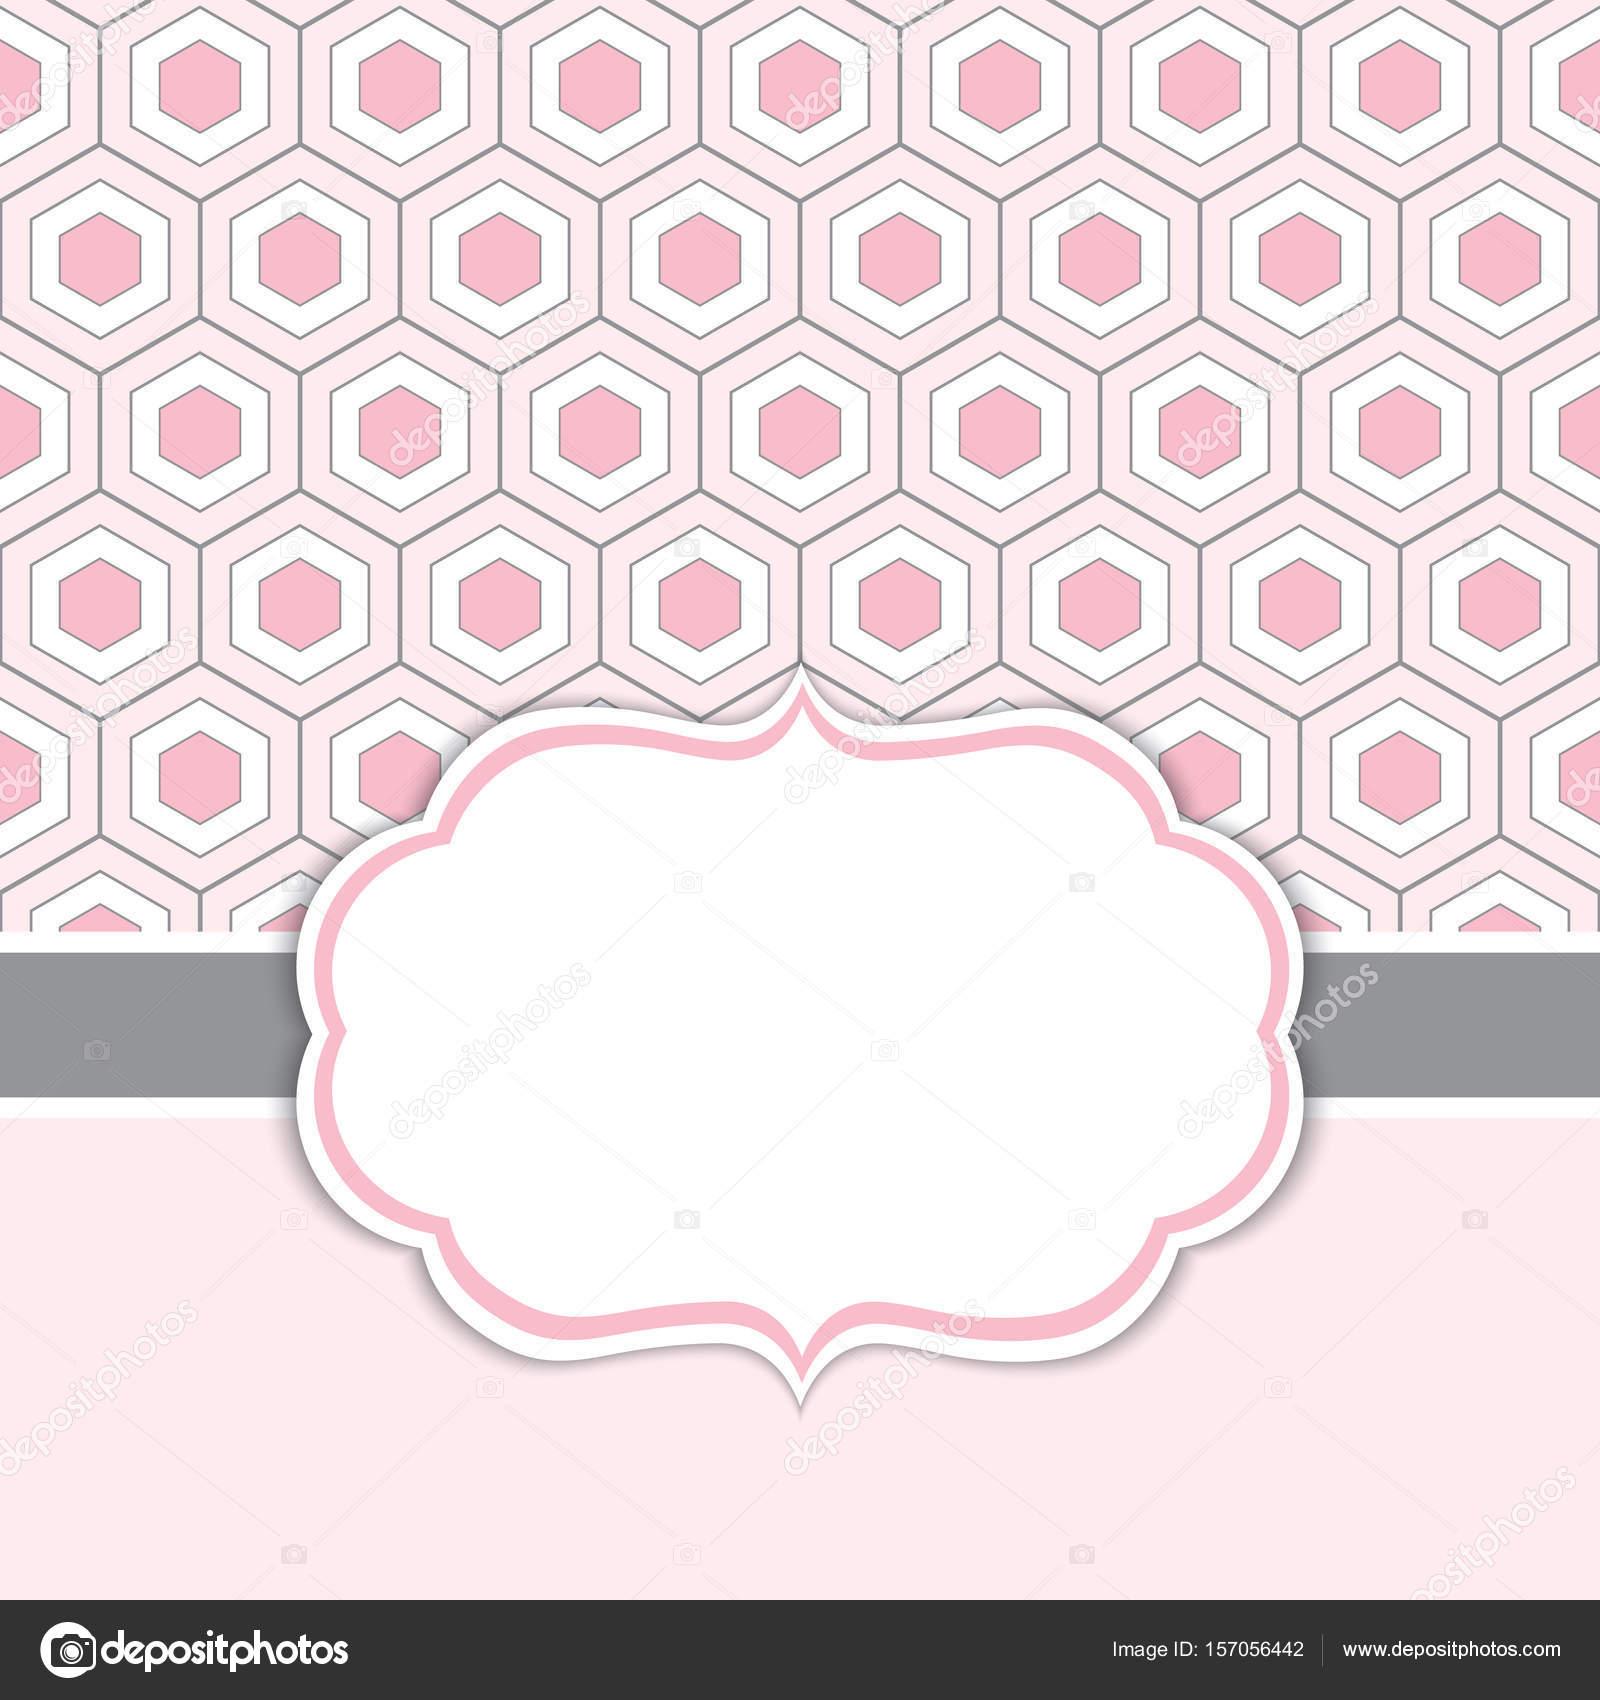 Plantilla de tarjeta de vector con estructura en nido de abeja de ...